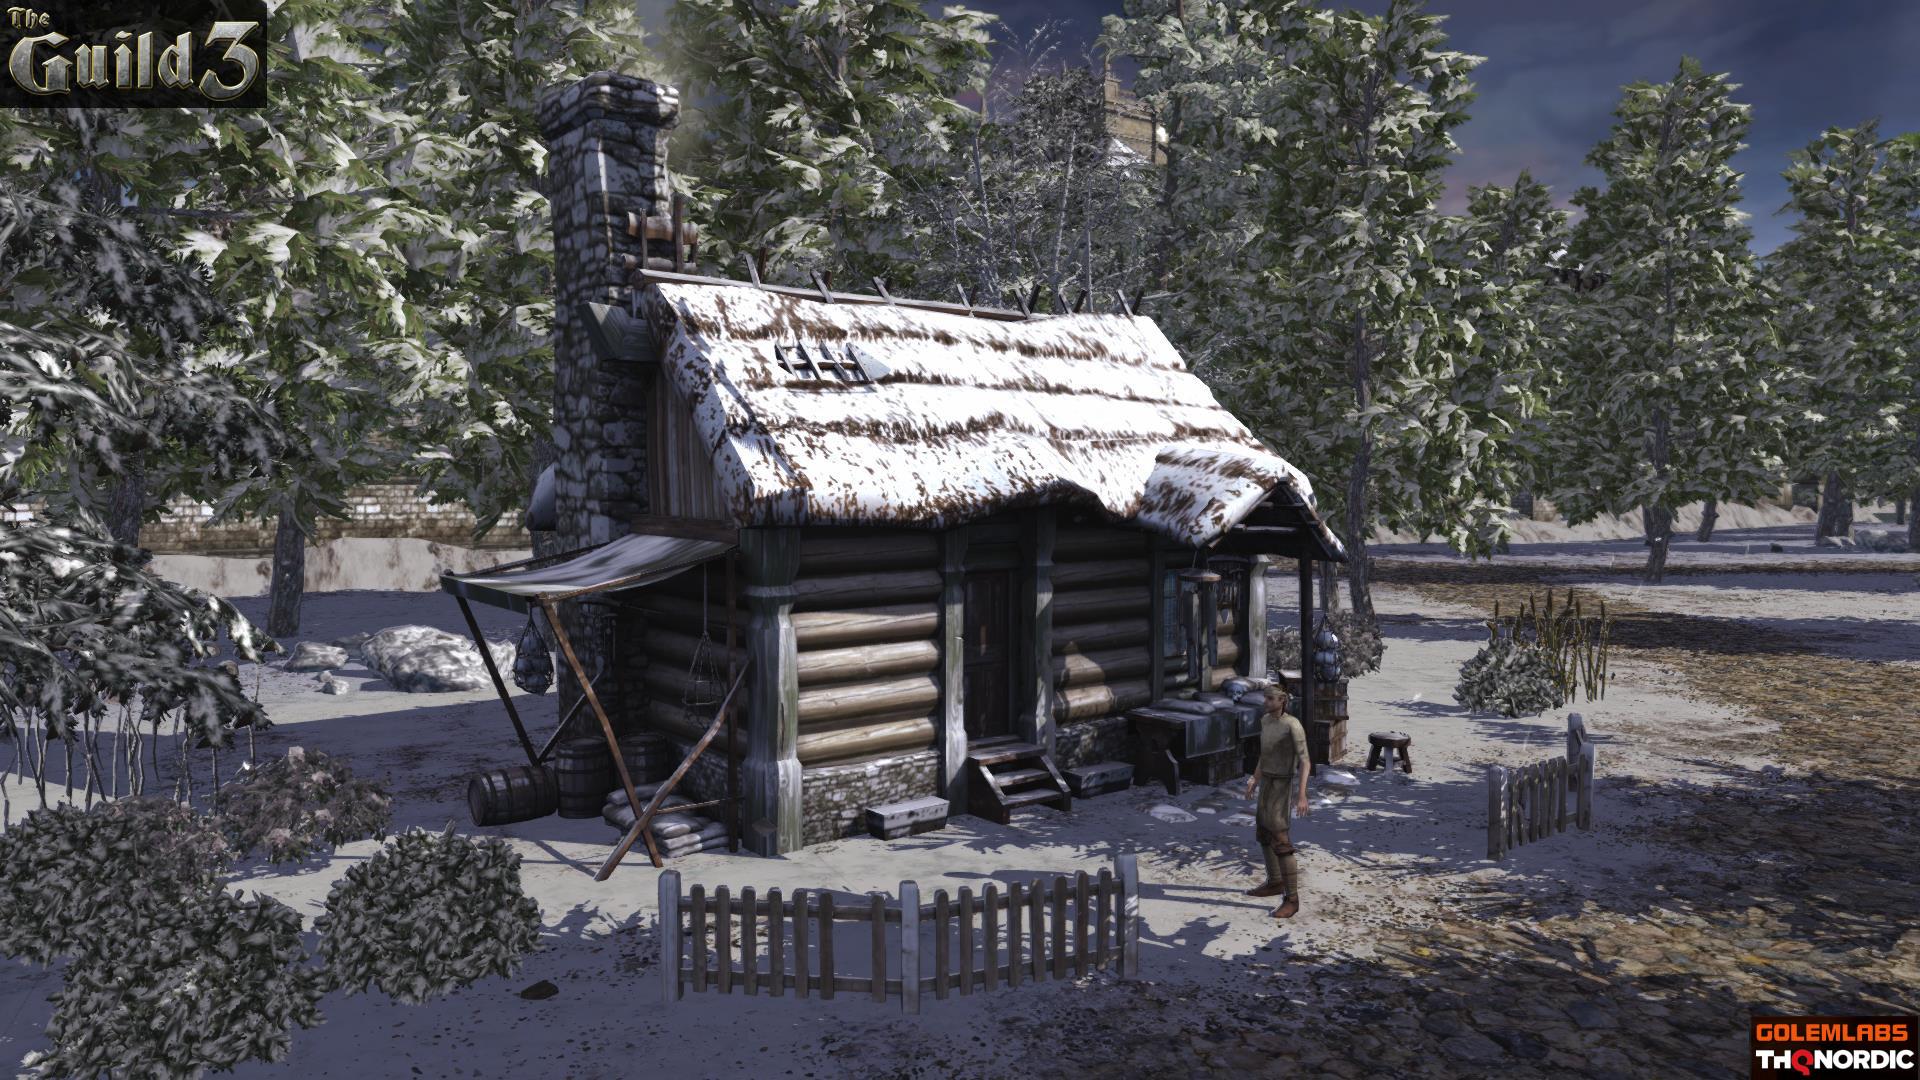 Katia gagne guil3 screenshot shaman neige